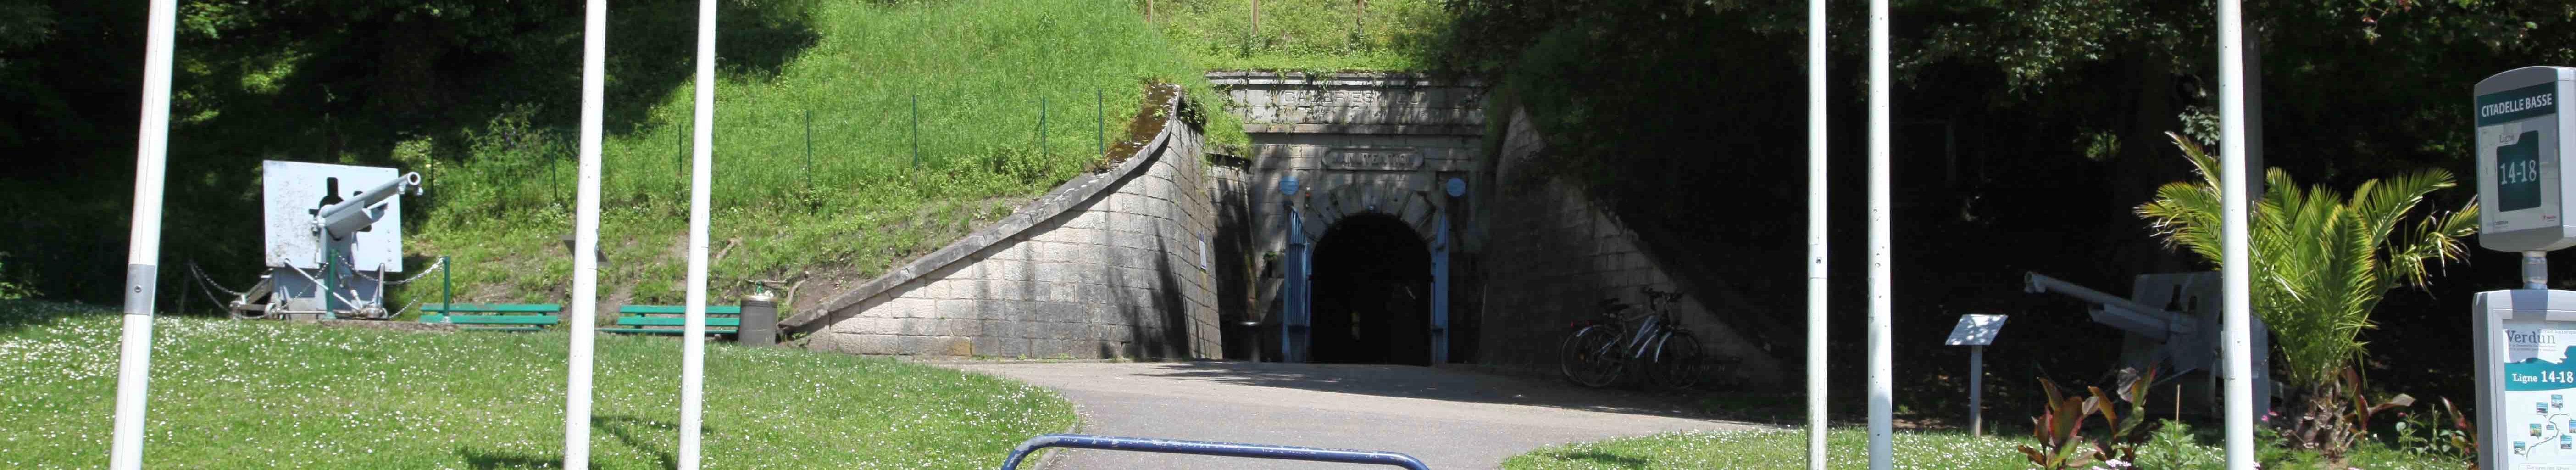 S jour verdun office de tourisme de verdun - Office du tourisme la souterraine ...